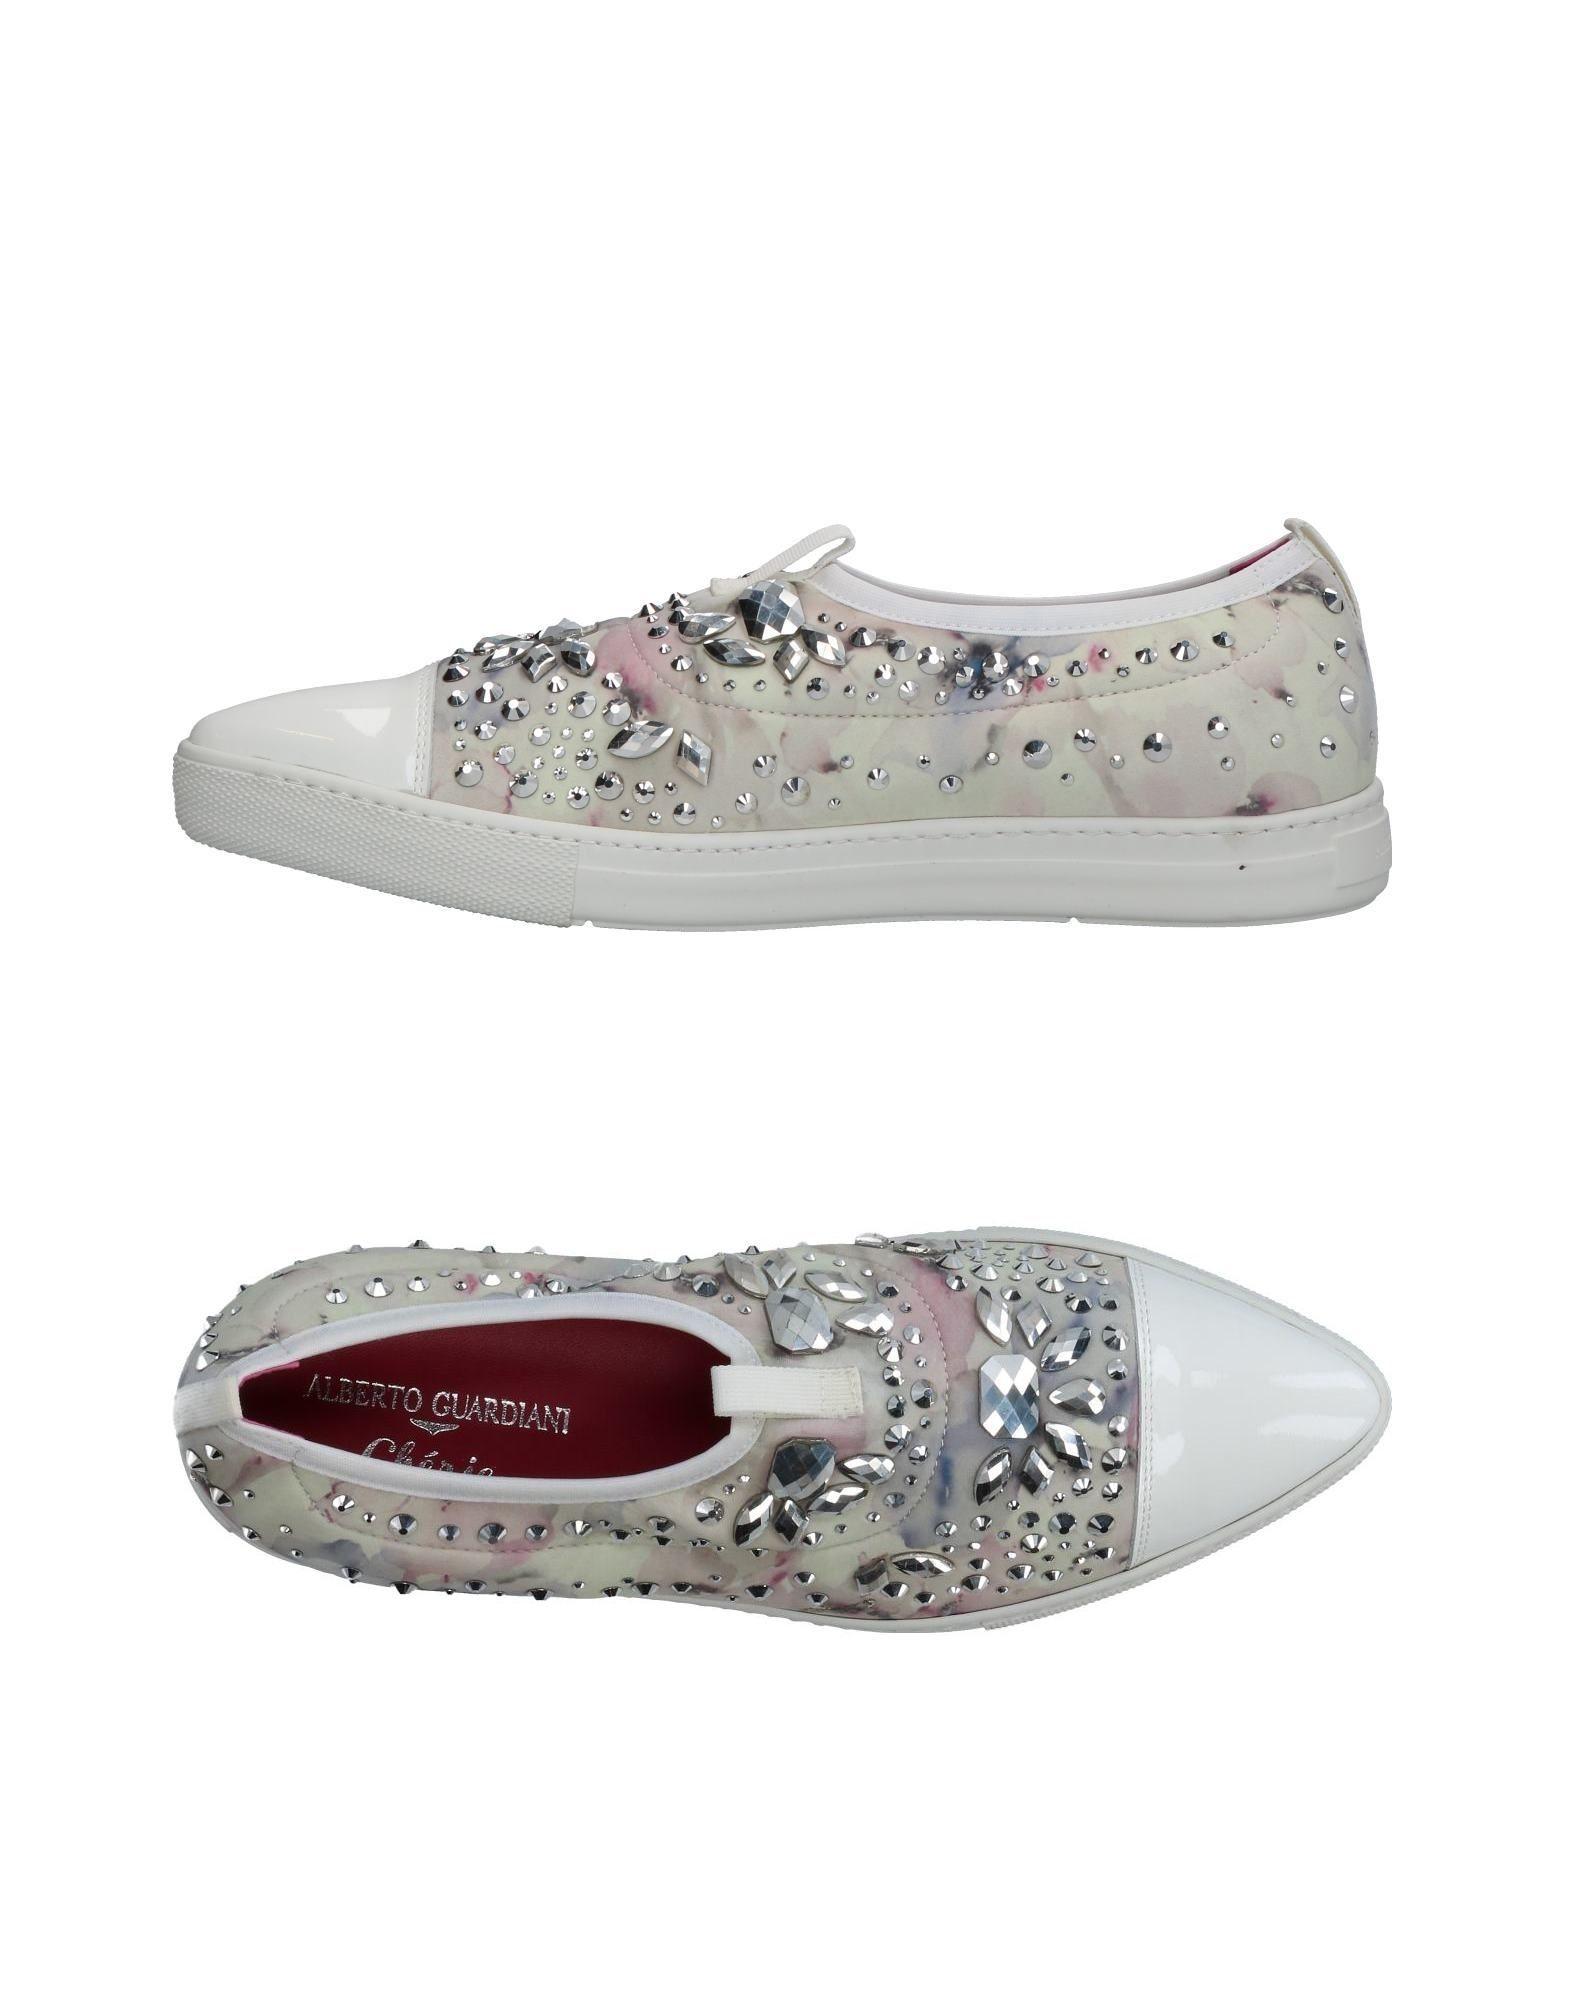 Alberto Guardiani Sneakers Damen beliebte  11232702UM Gute Qualität beliebte Damen Schuhe d8909f